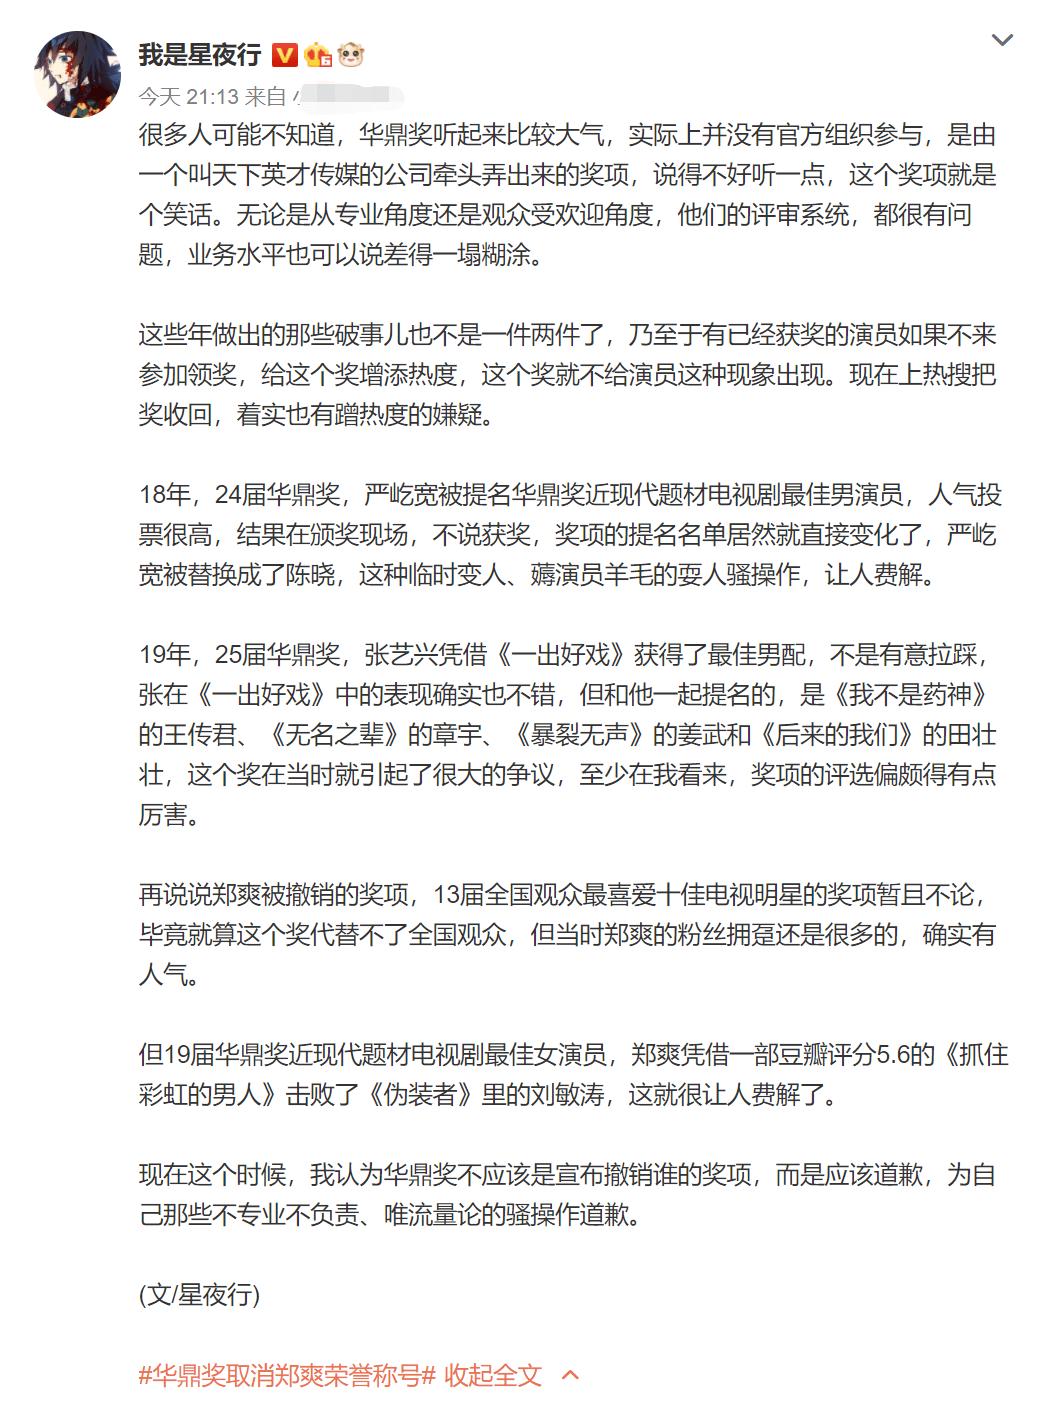 """郑爽奖项被撤销后,华鼎奖反被扒是""""野鸡奖"""",曾因违规被叫停  第4张"""